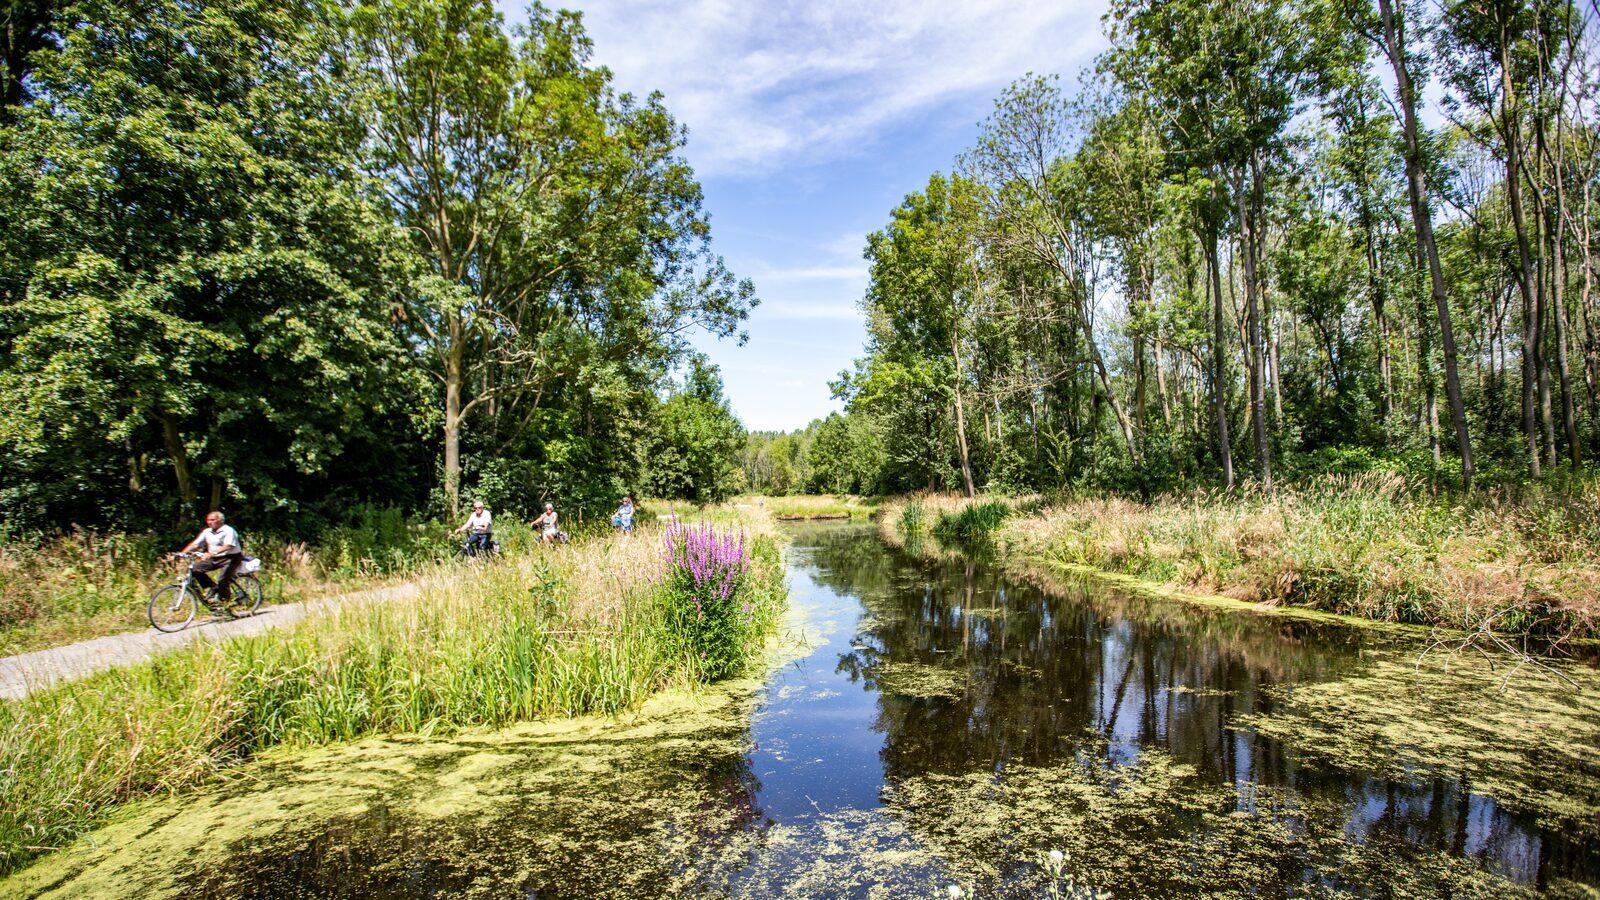 Vakantiewoningen te koop op Parc de IJsselhoeve